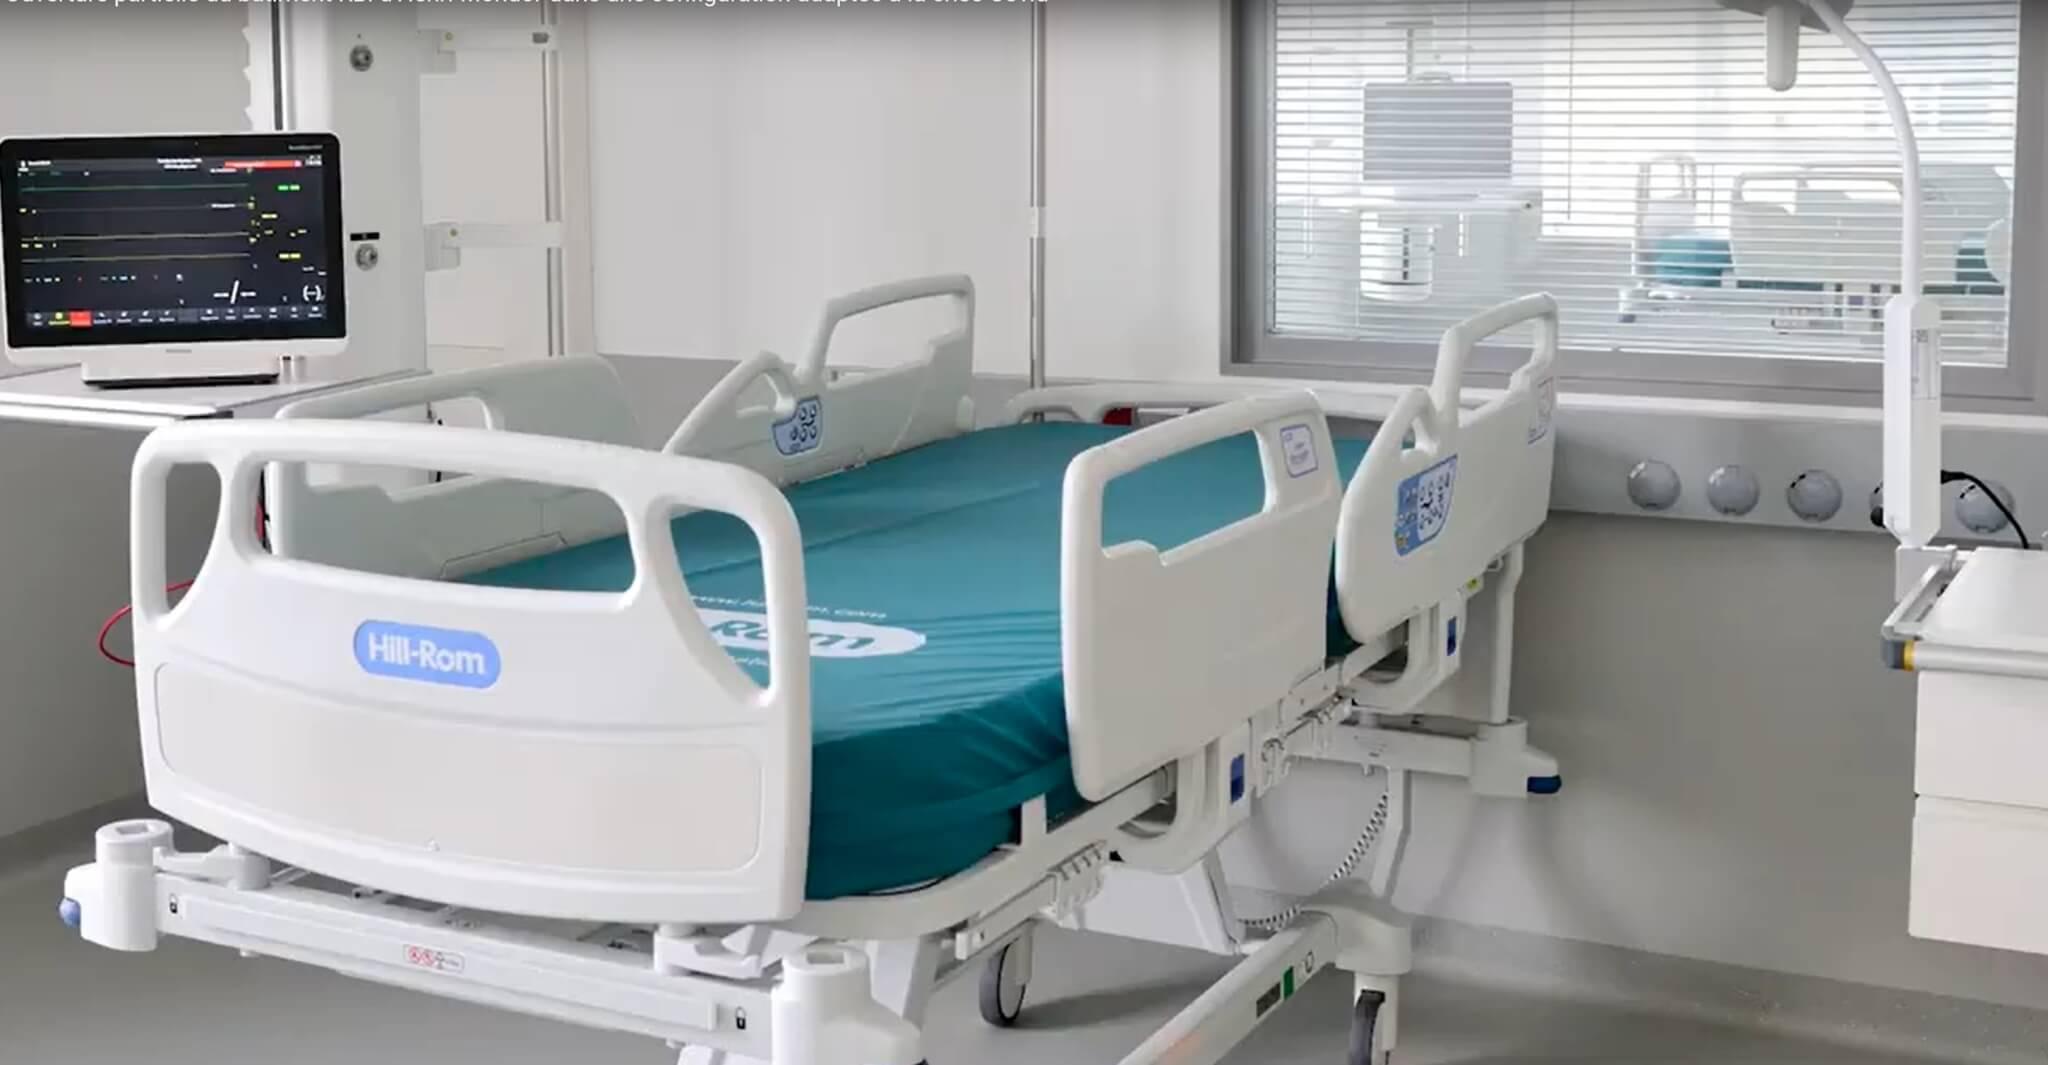 A Créteil, l'hôpital Henri Mondor se résigne à la 4ème vague de Covid